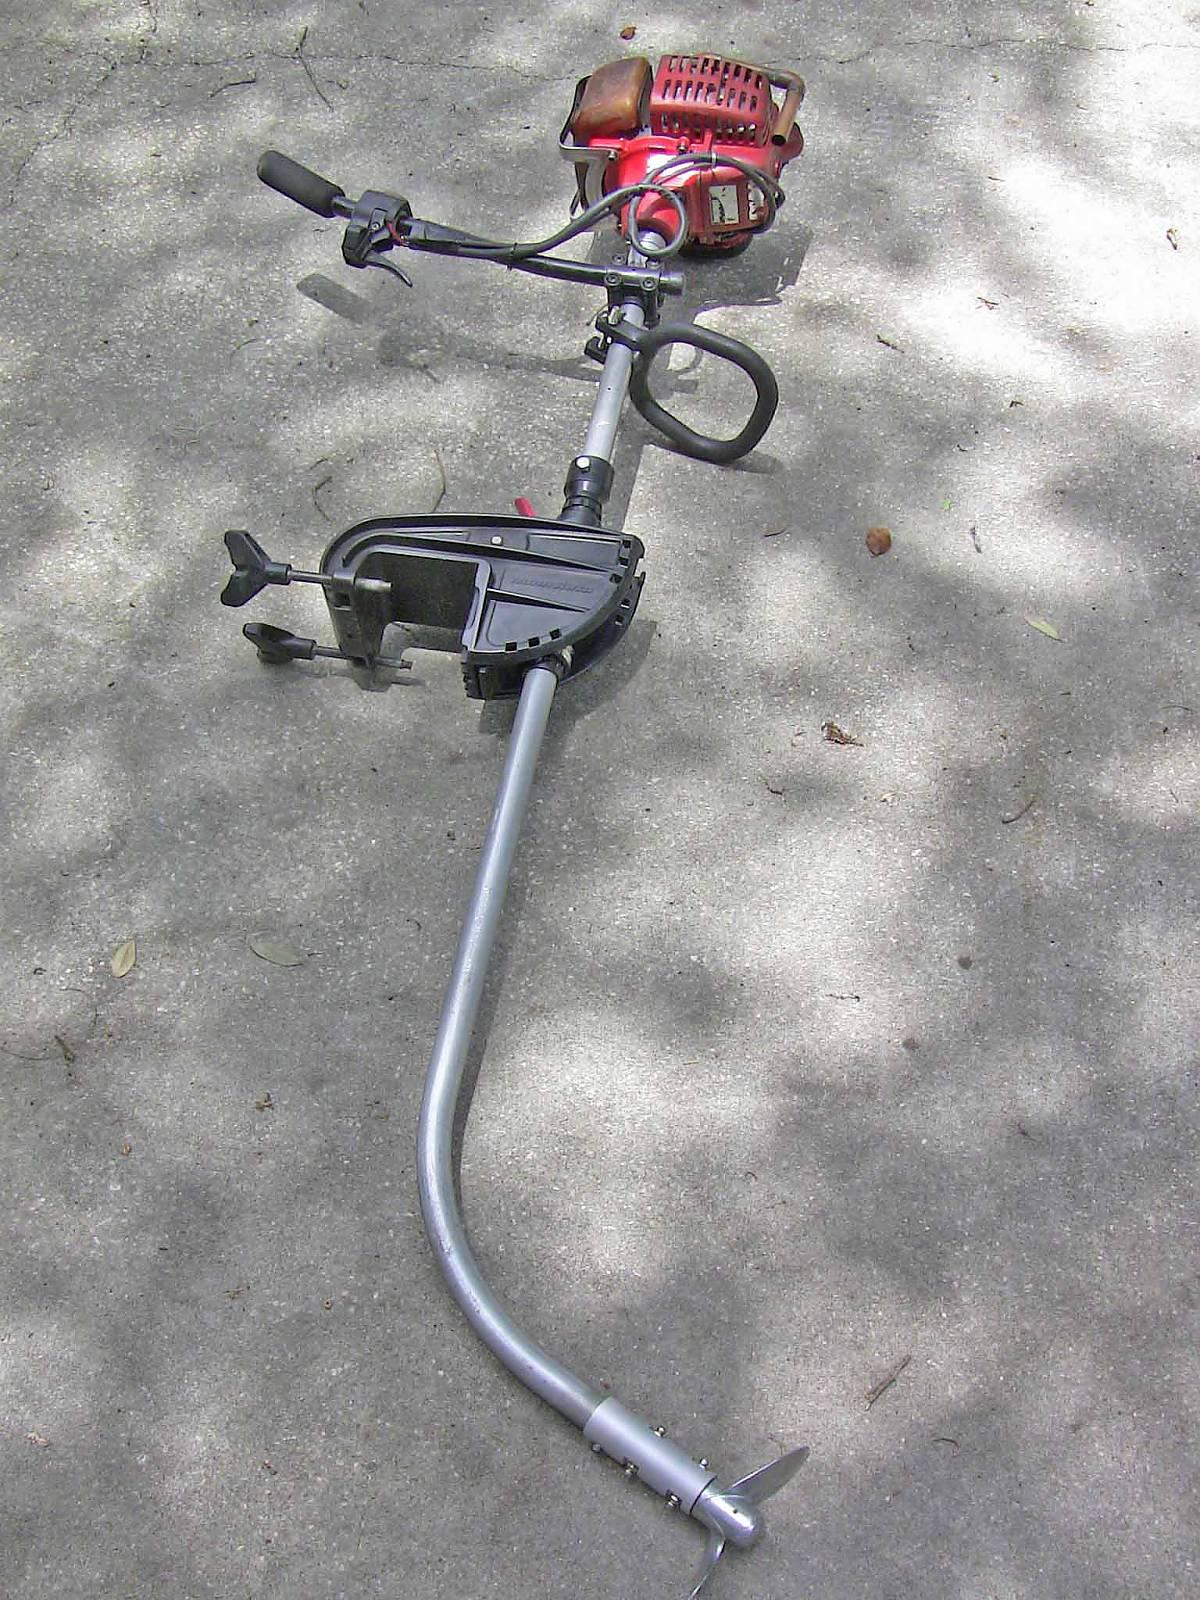 Лодочный мотор своими руками из бензокосилки